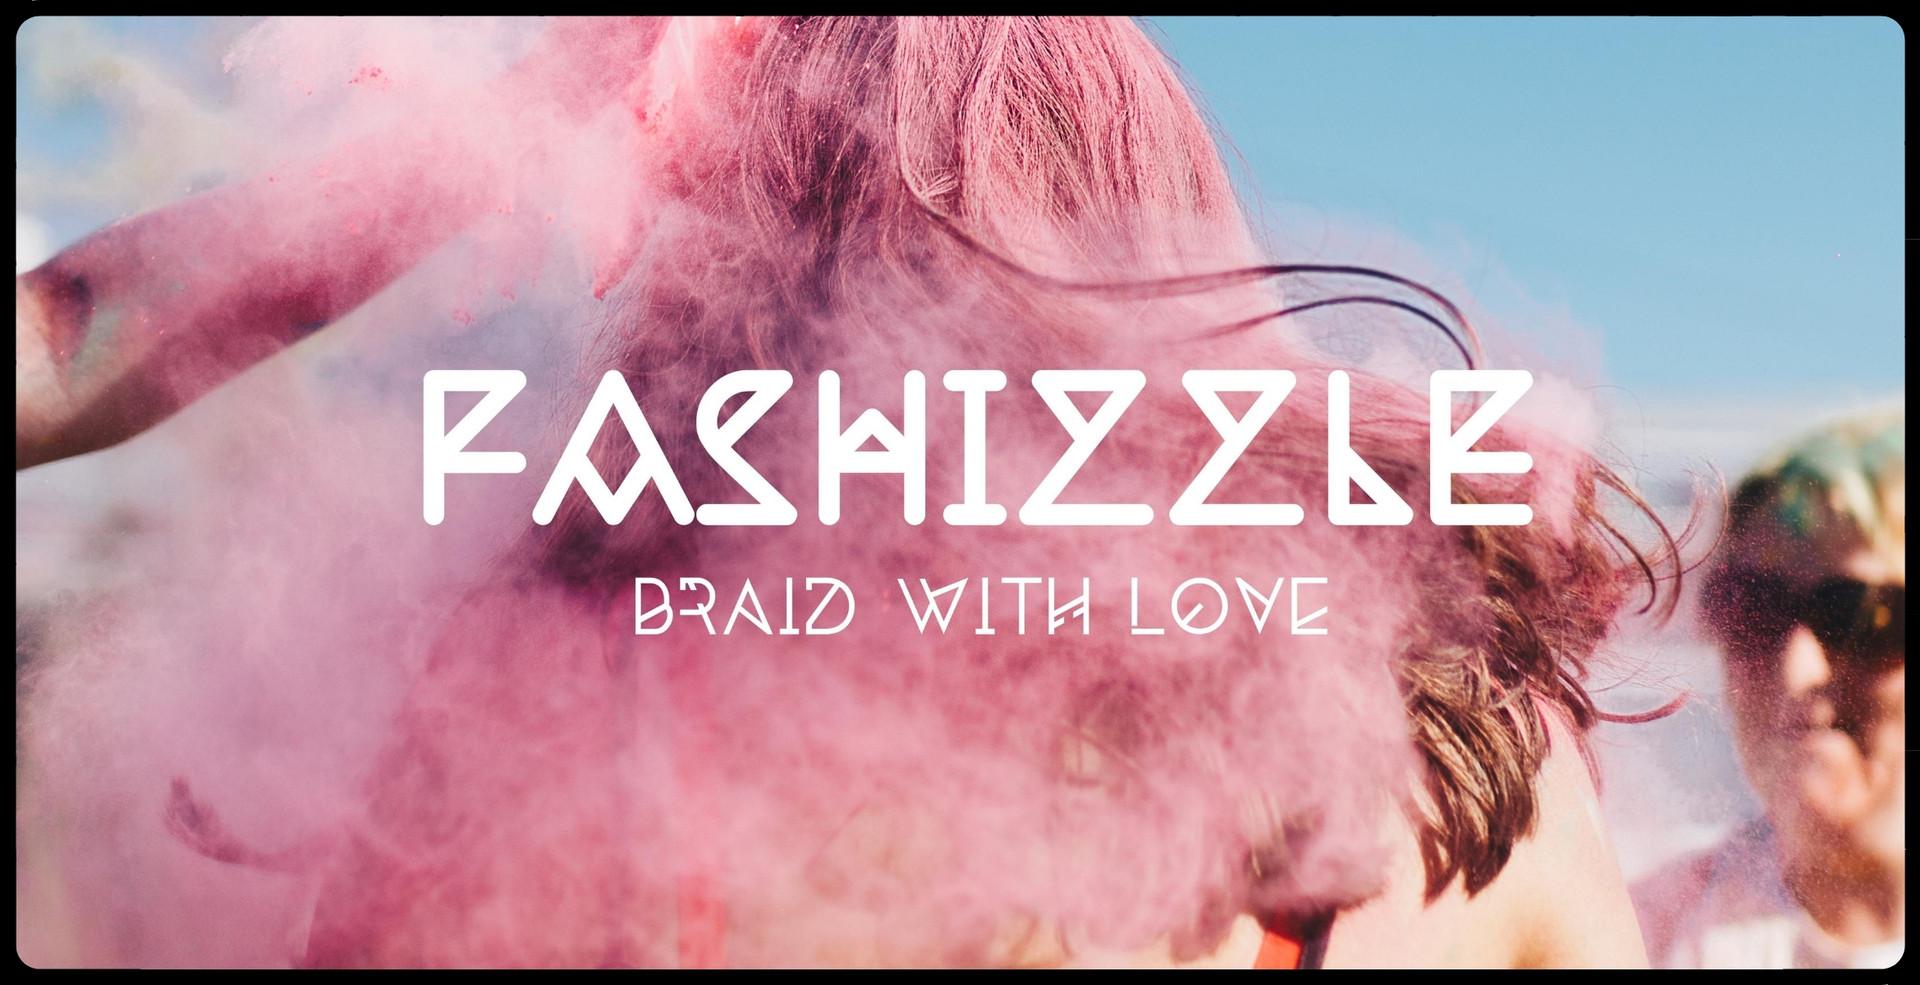 Fashizzle Landing Page.jpg